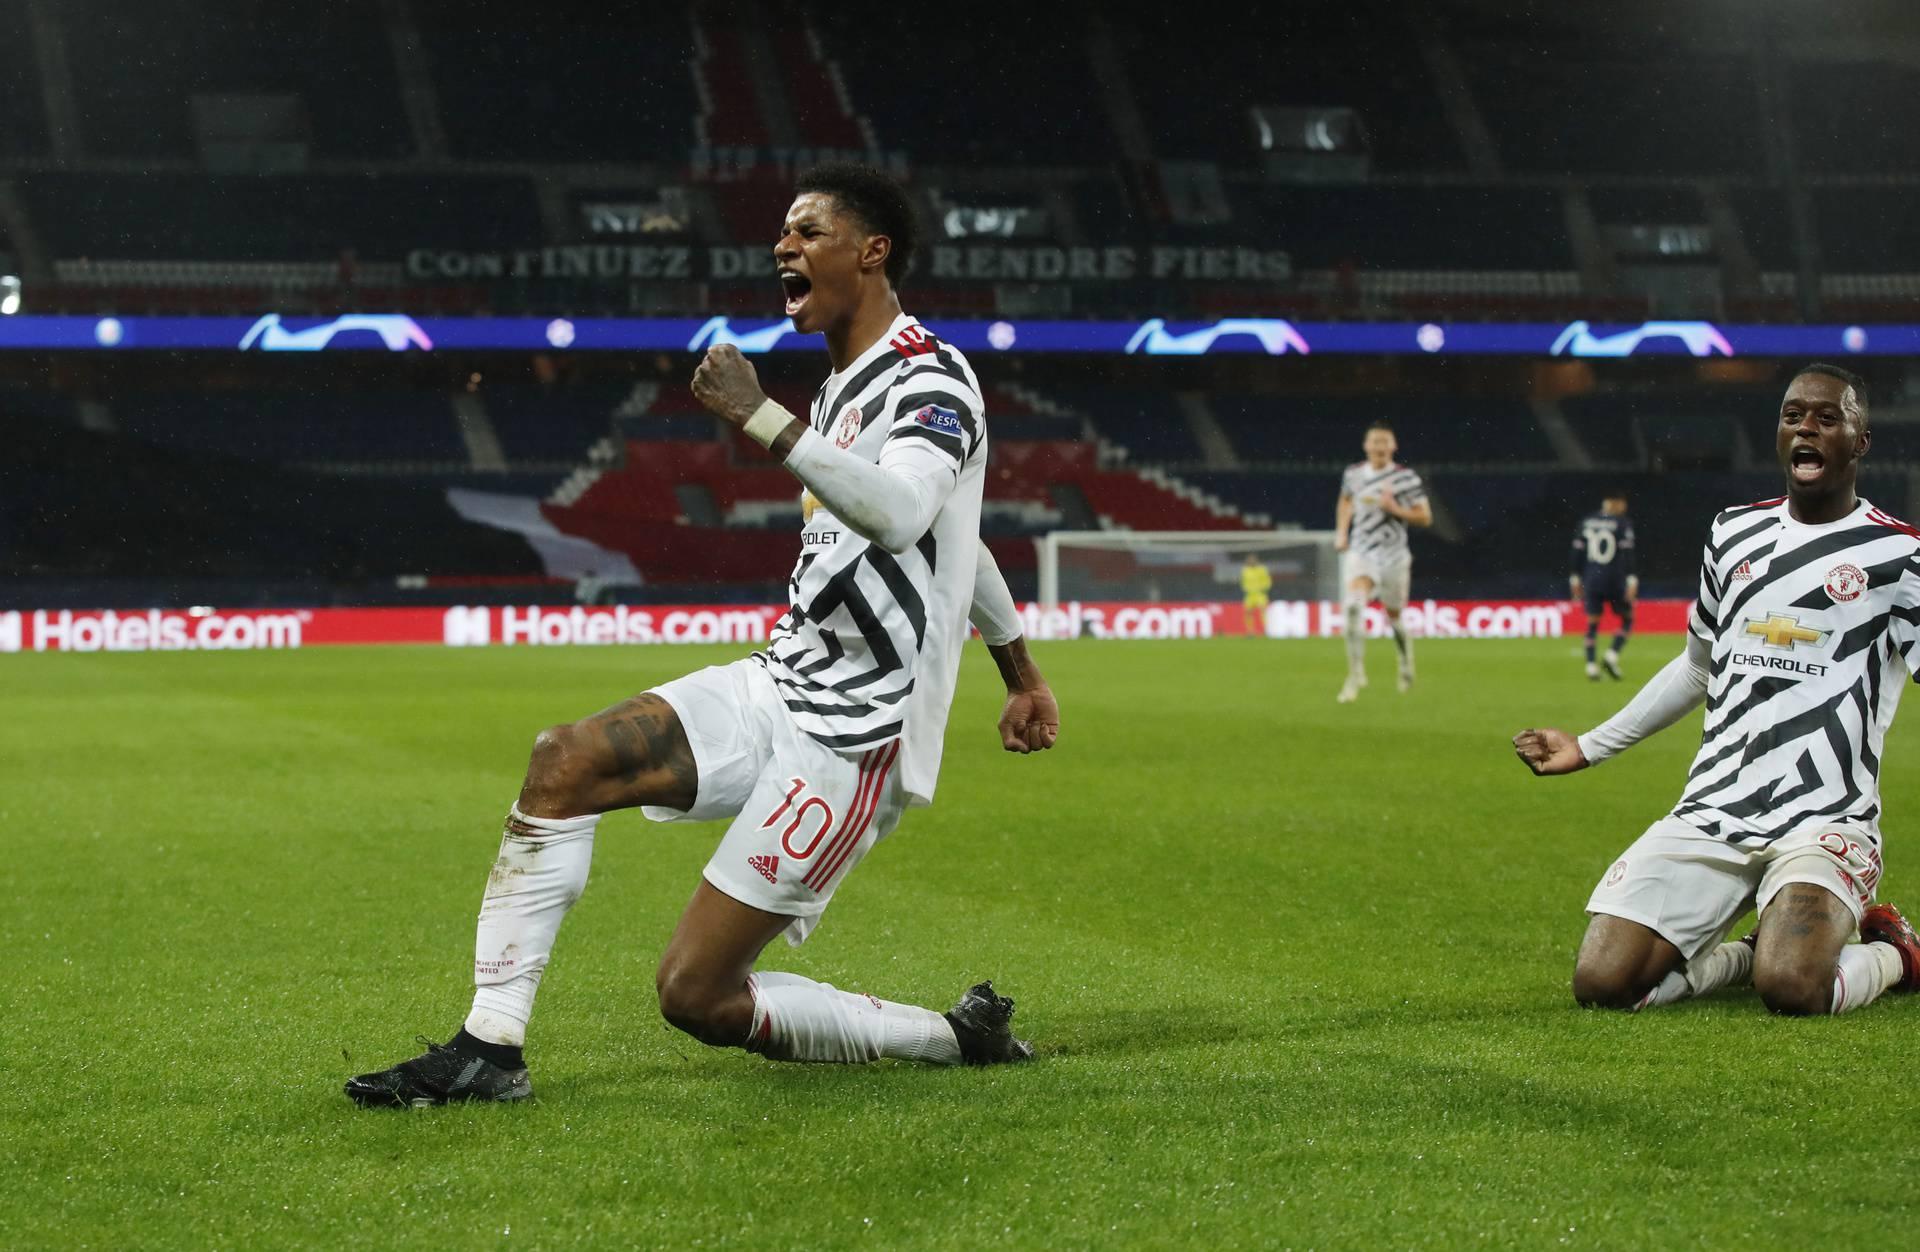 Champions League - Group H - Paris St Germain v Manchester United